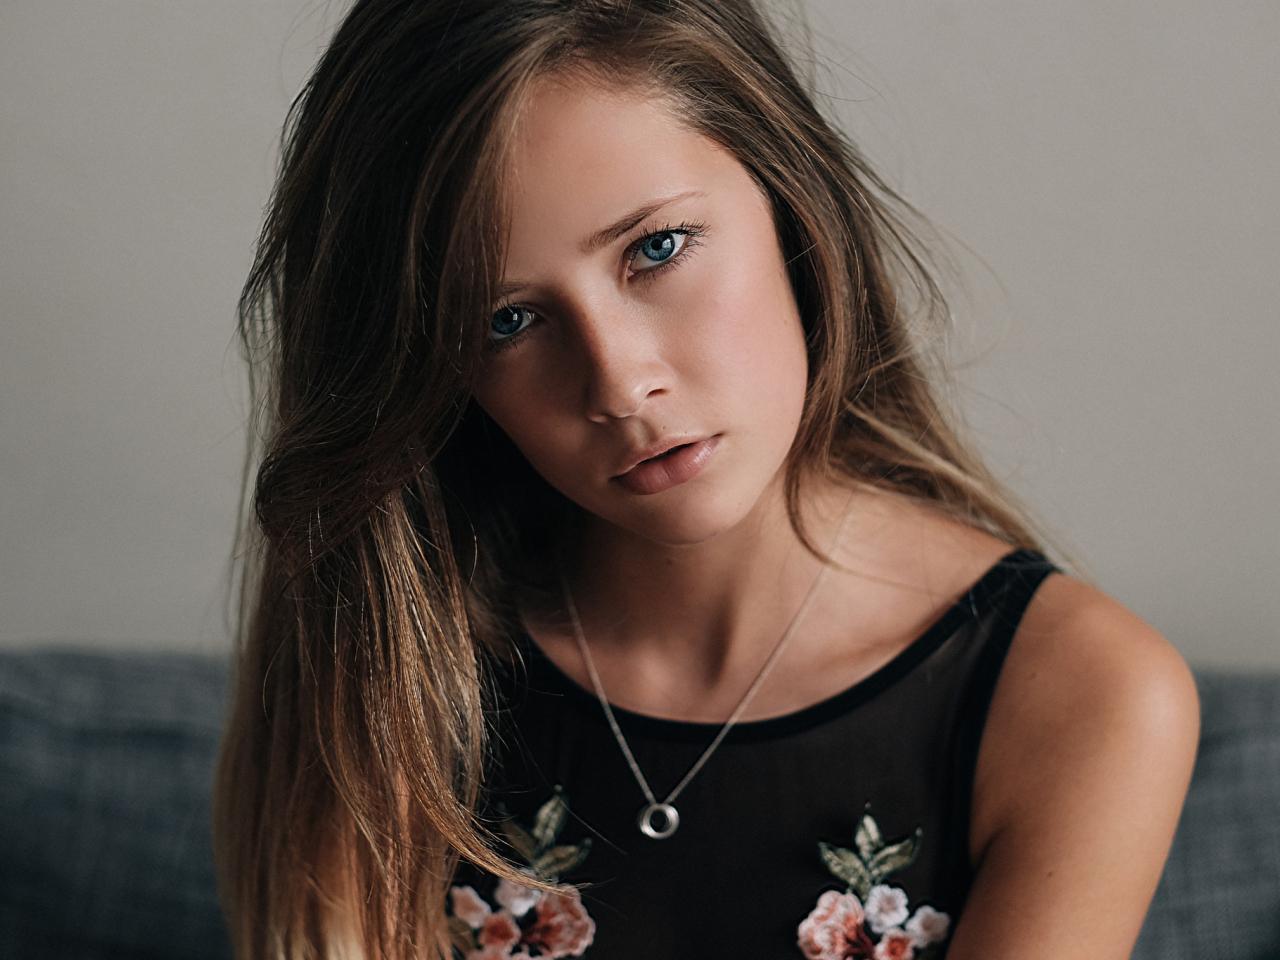 1280x960 wallpaper Face, girl model, brunette